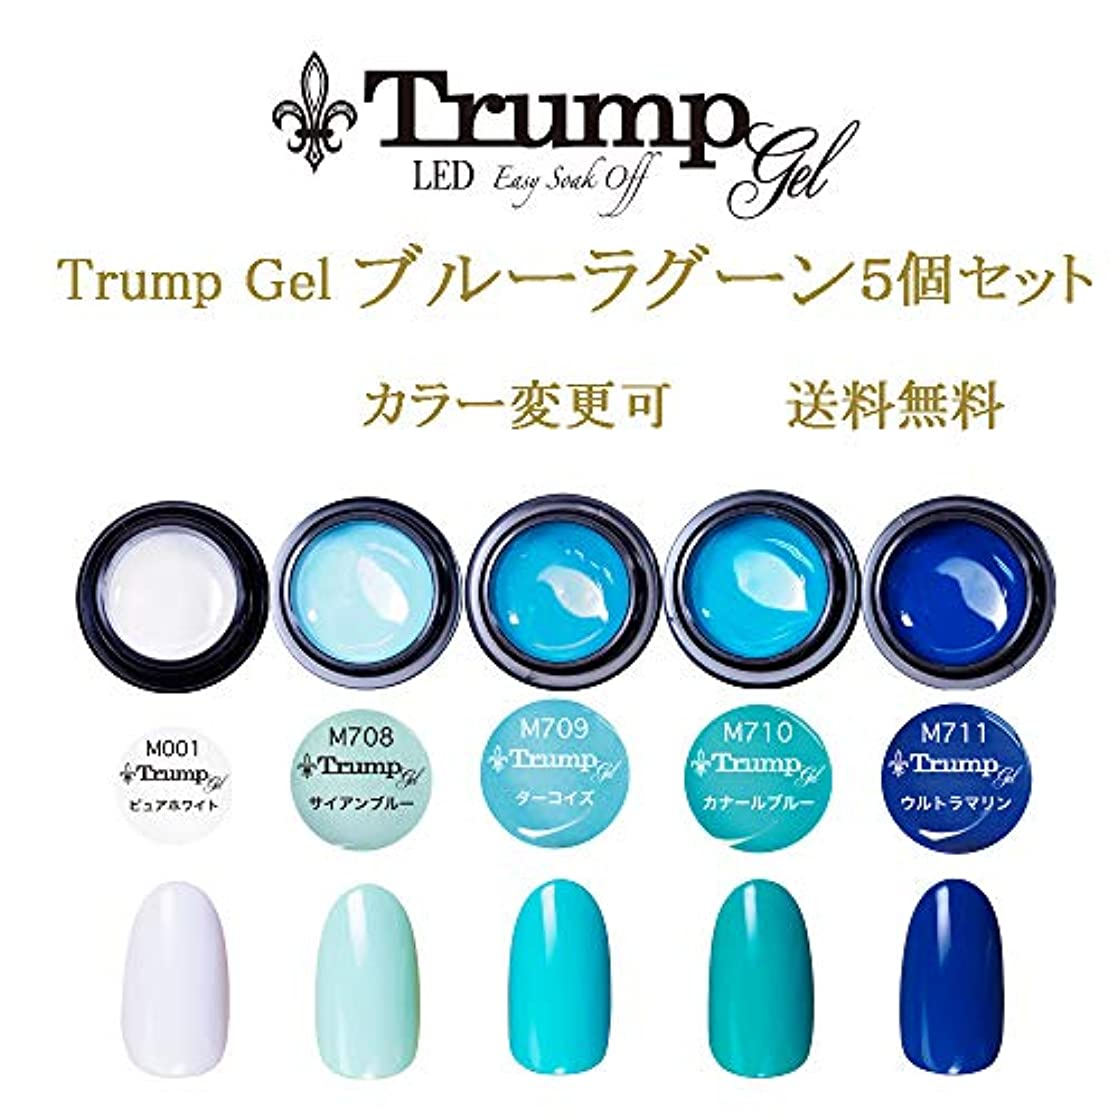 聖なるバリケード不均一日本製 Trump gel トランプジェル ブルーラグーン カラー 選べる カラージェル 5個セット ブルー ターコイズ ホワイト